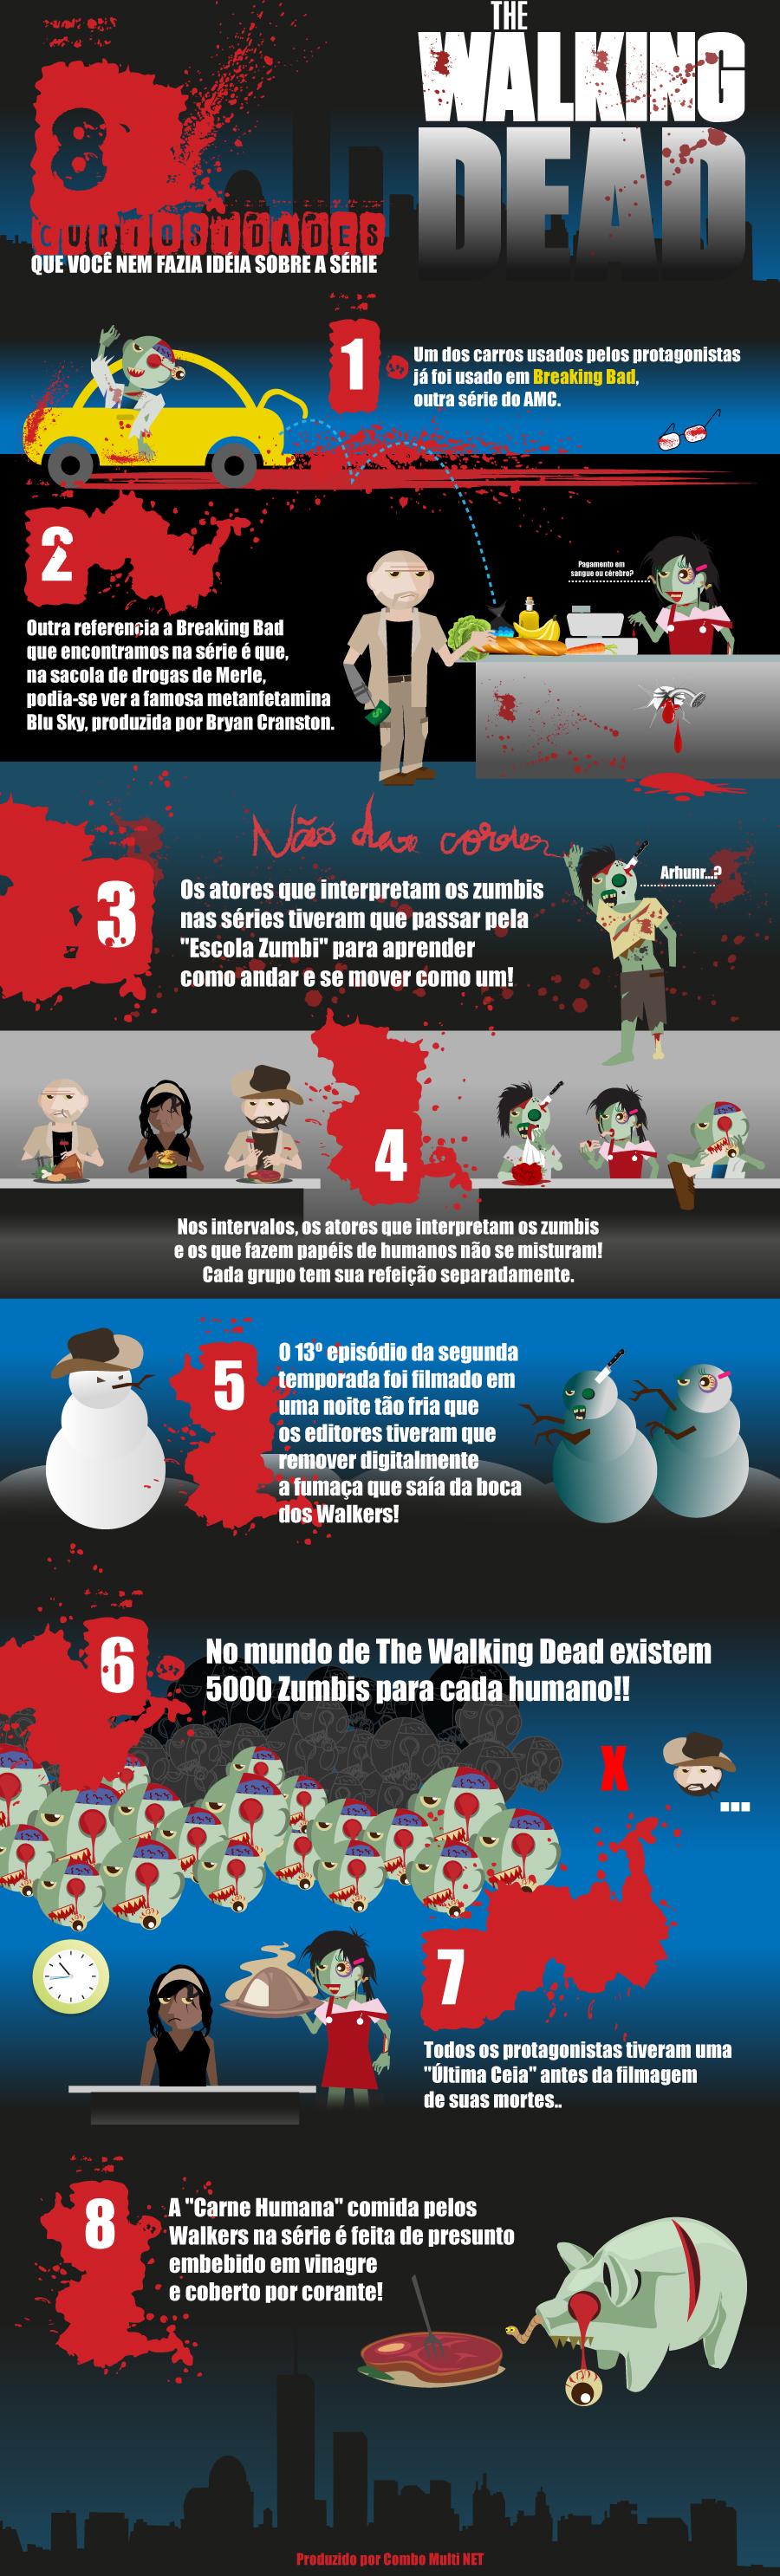 Oito curiosidades sobre The Walking Dead que você nem fazia idéia sobre a série